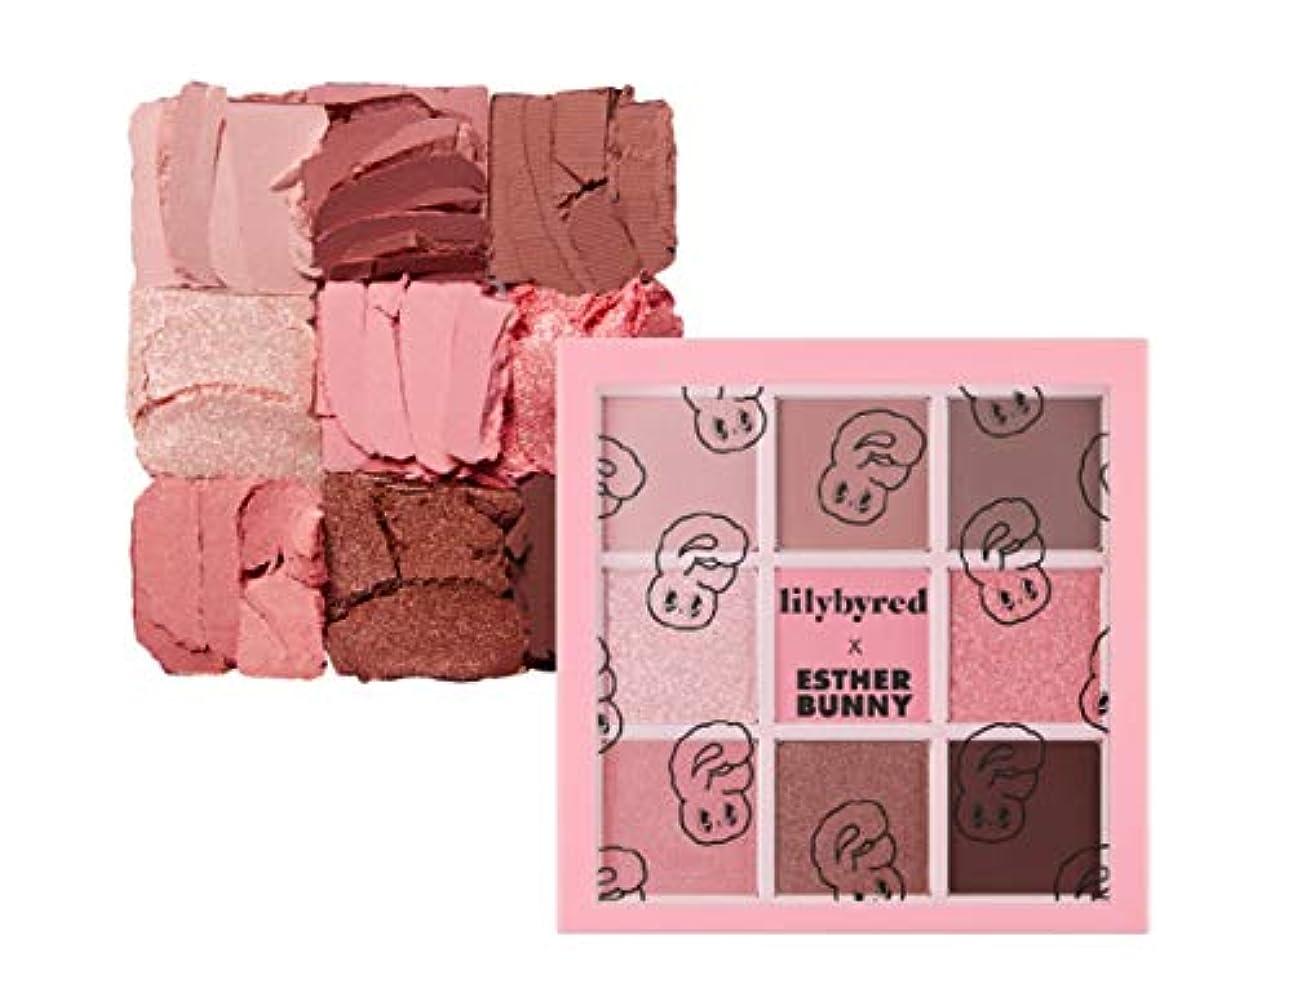 お金ネズミカルシウムLILYBYRED Mood Cheat Kit Eyeshadow Palette Pink Sweets告発色、高密着、告知の中独歩的な高クオリティアイシャドウパレット9color(並行輸入品)